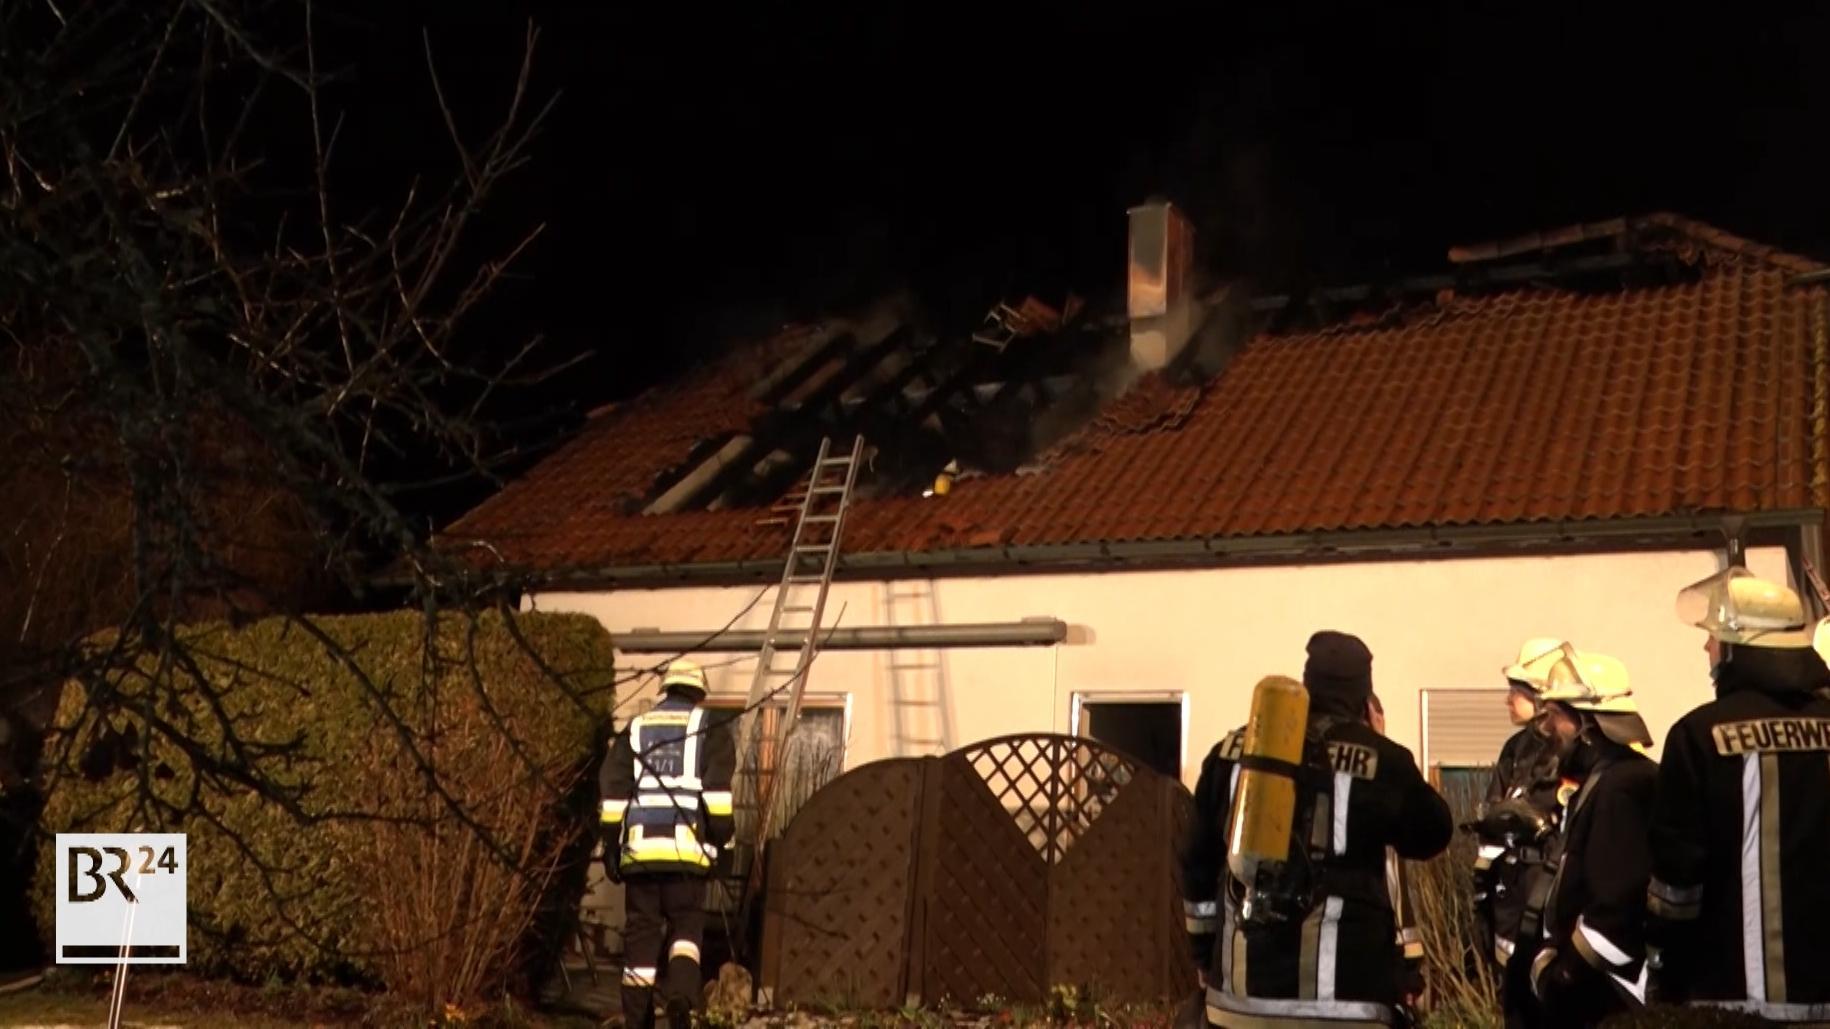 Bei einem Dachstuhlbrand in Deining kam eine 51-jährige Frau ums Leben.